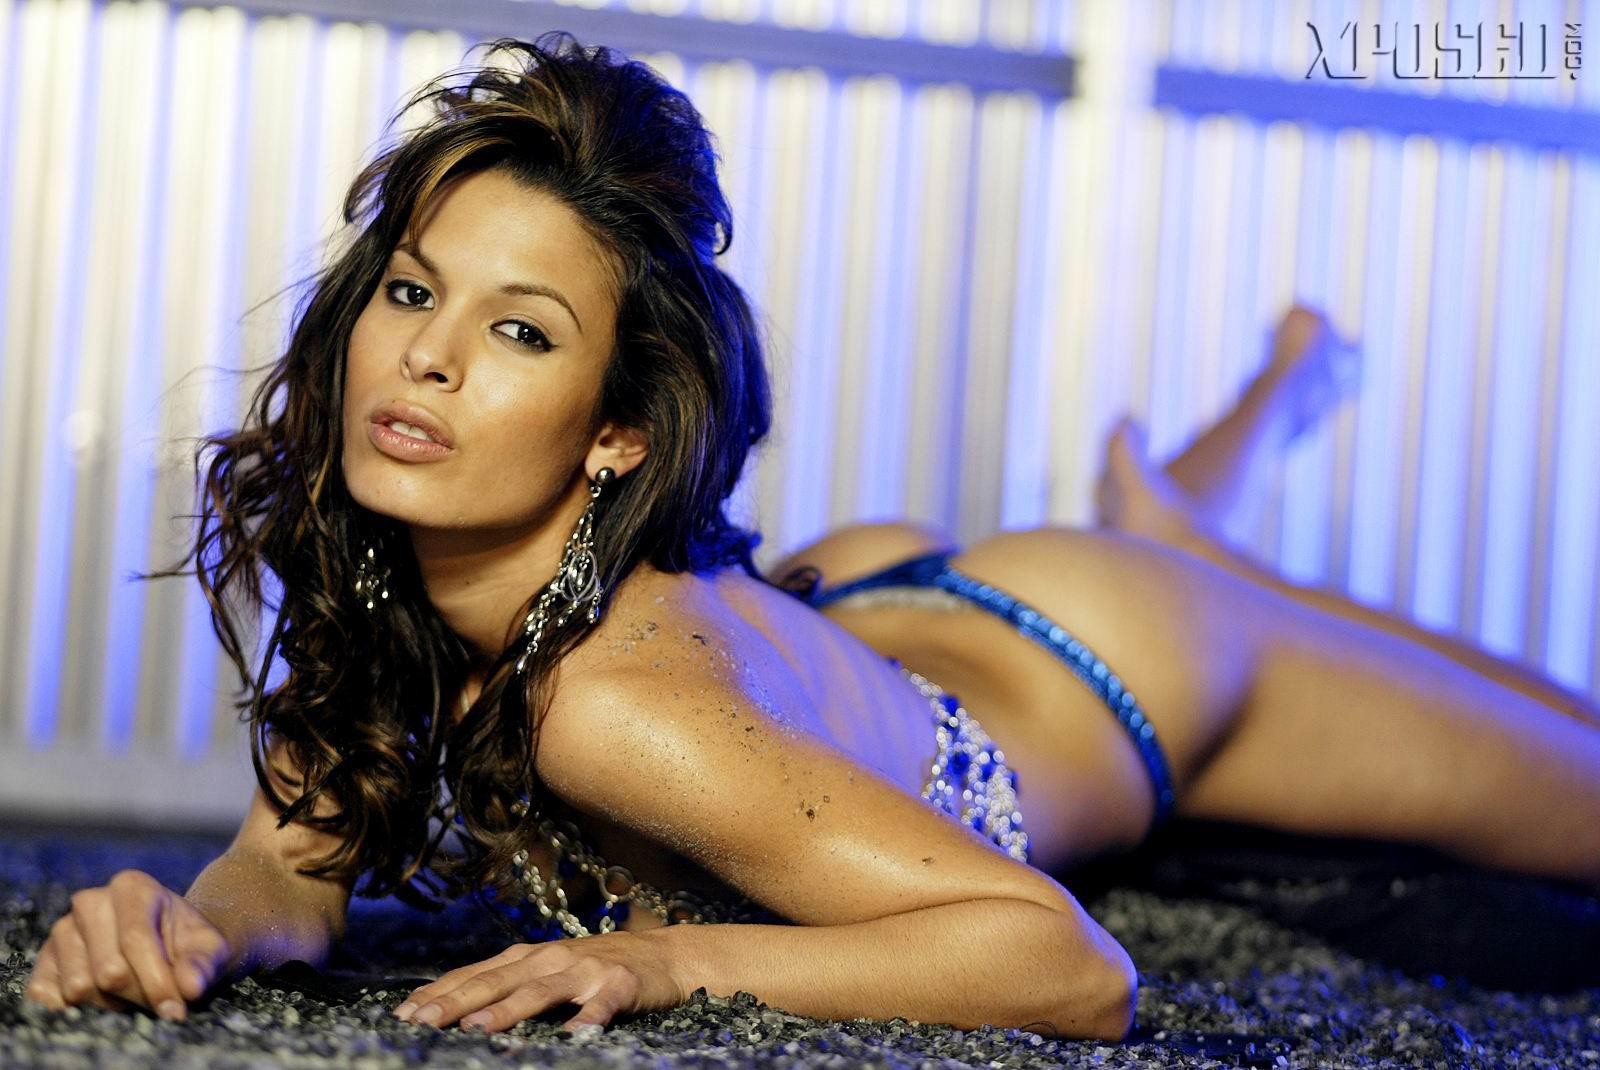 Nadine velazquez desnuda fotos